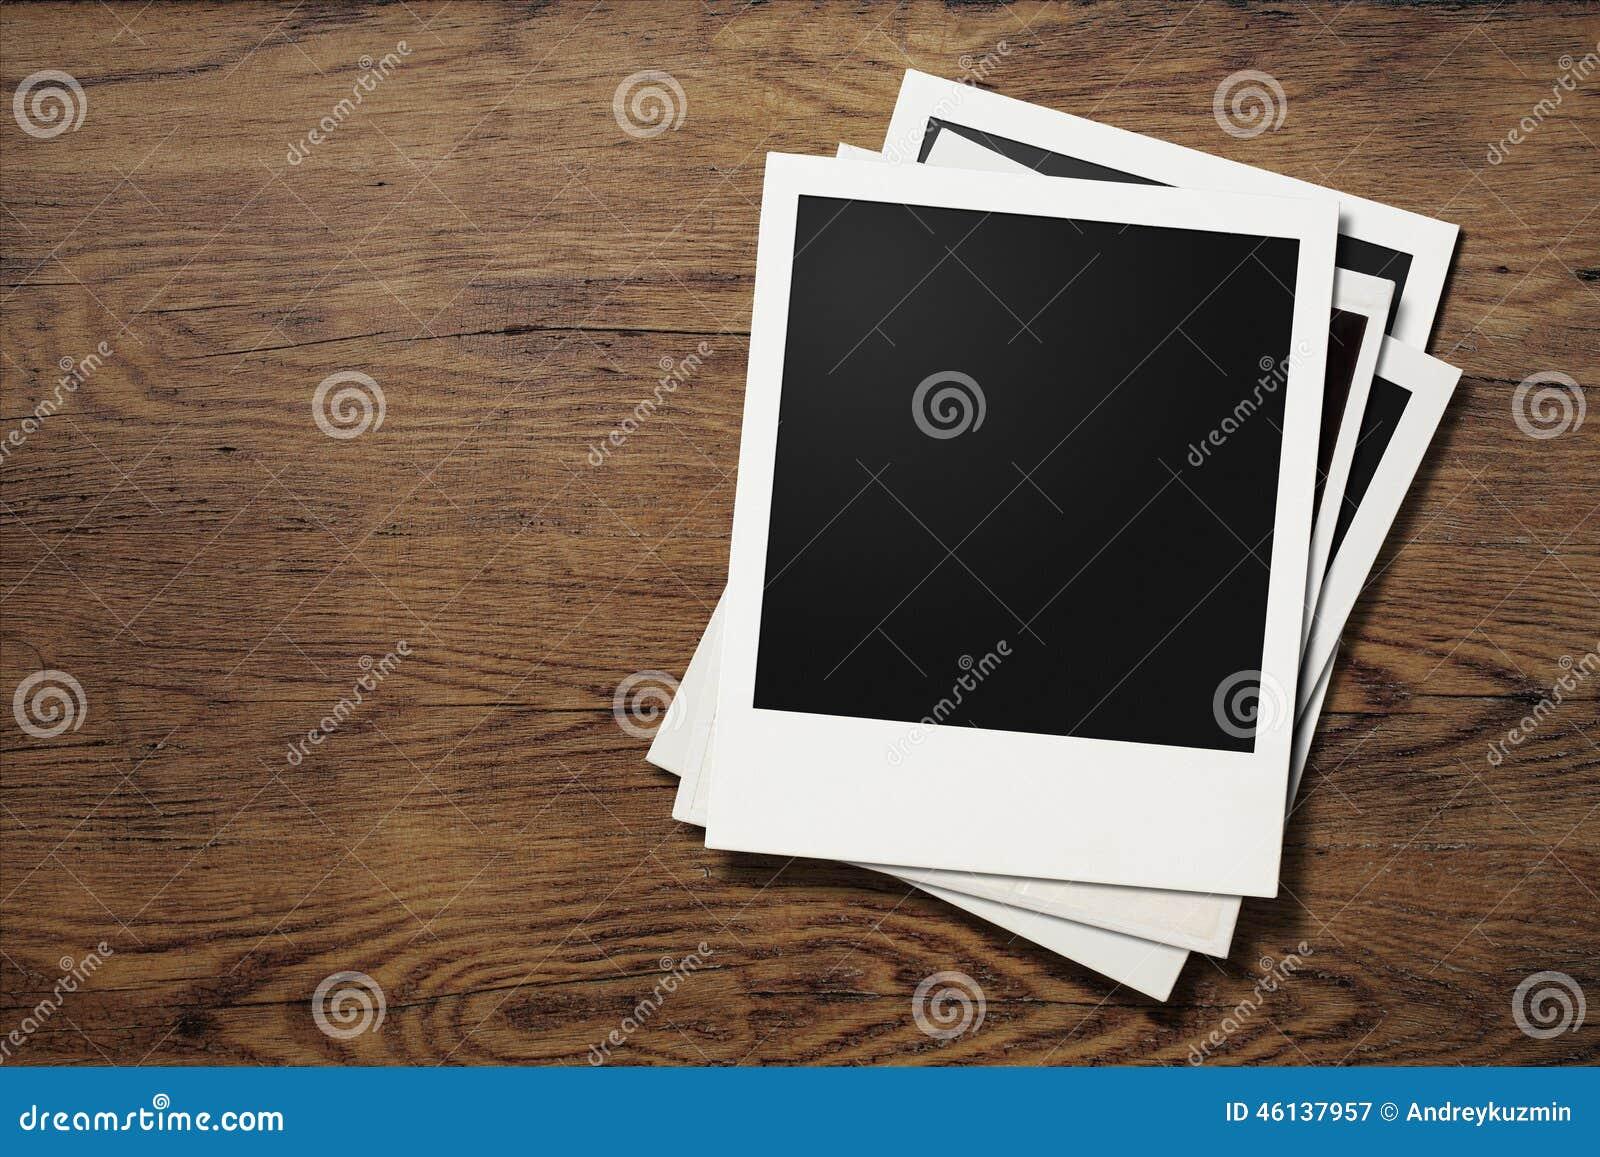 Schön App Die Bilder Rahmen Fotos - Benutzerdefinierte Bilderrahmen ...